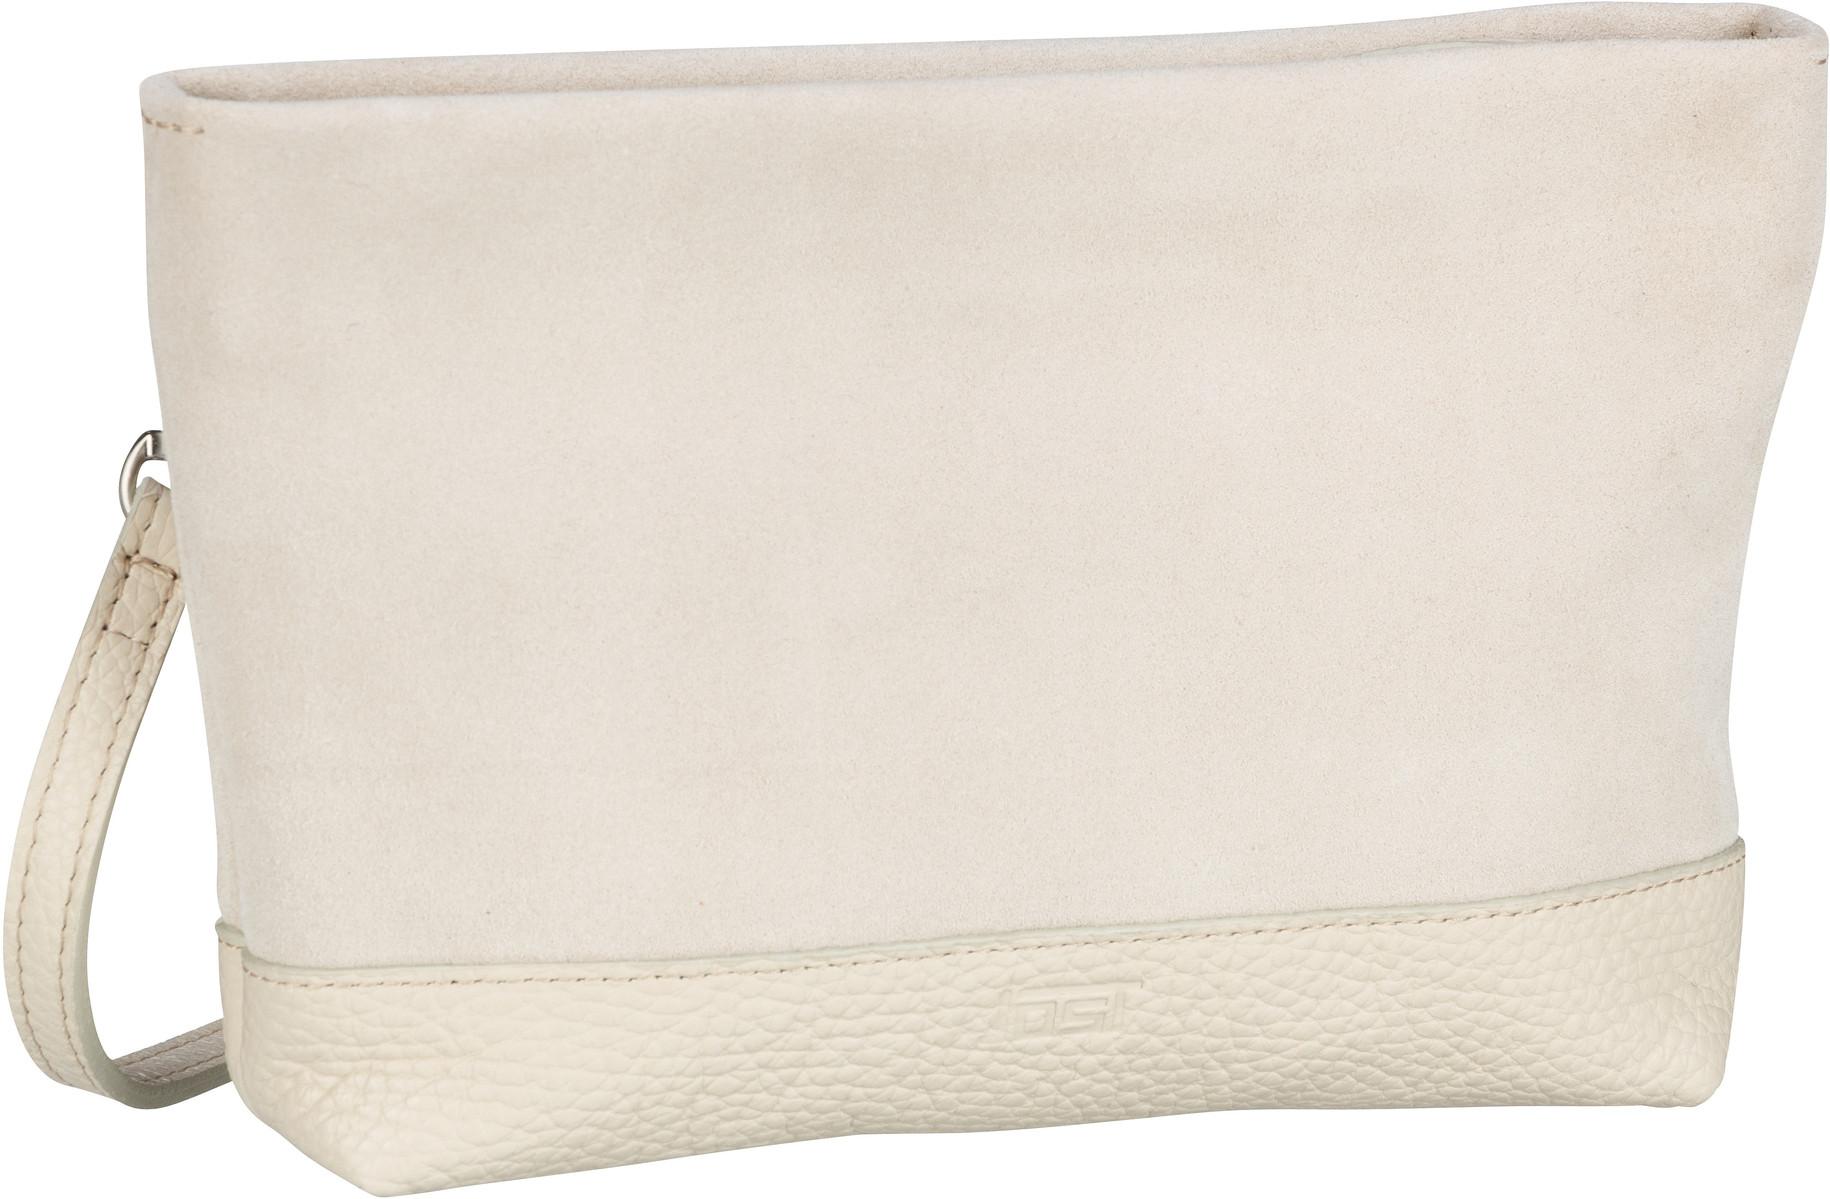 Umhängetasche Motala 1747 Belt/Shoulder Bag Offwhite